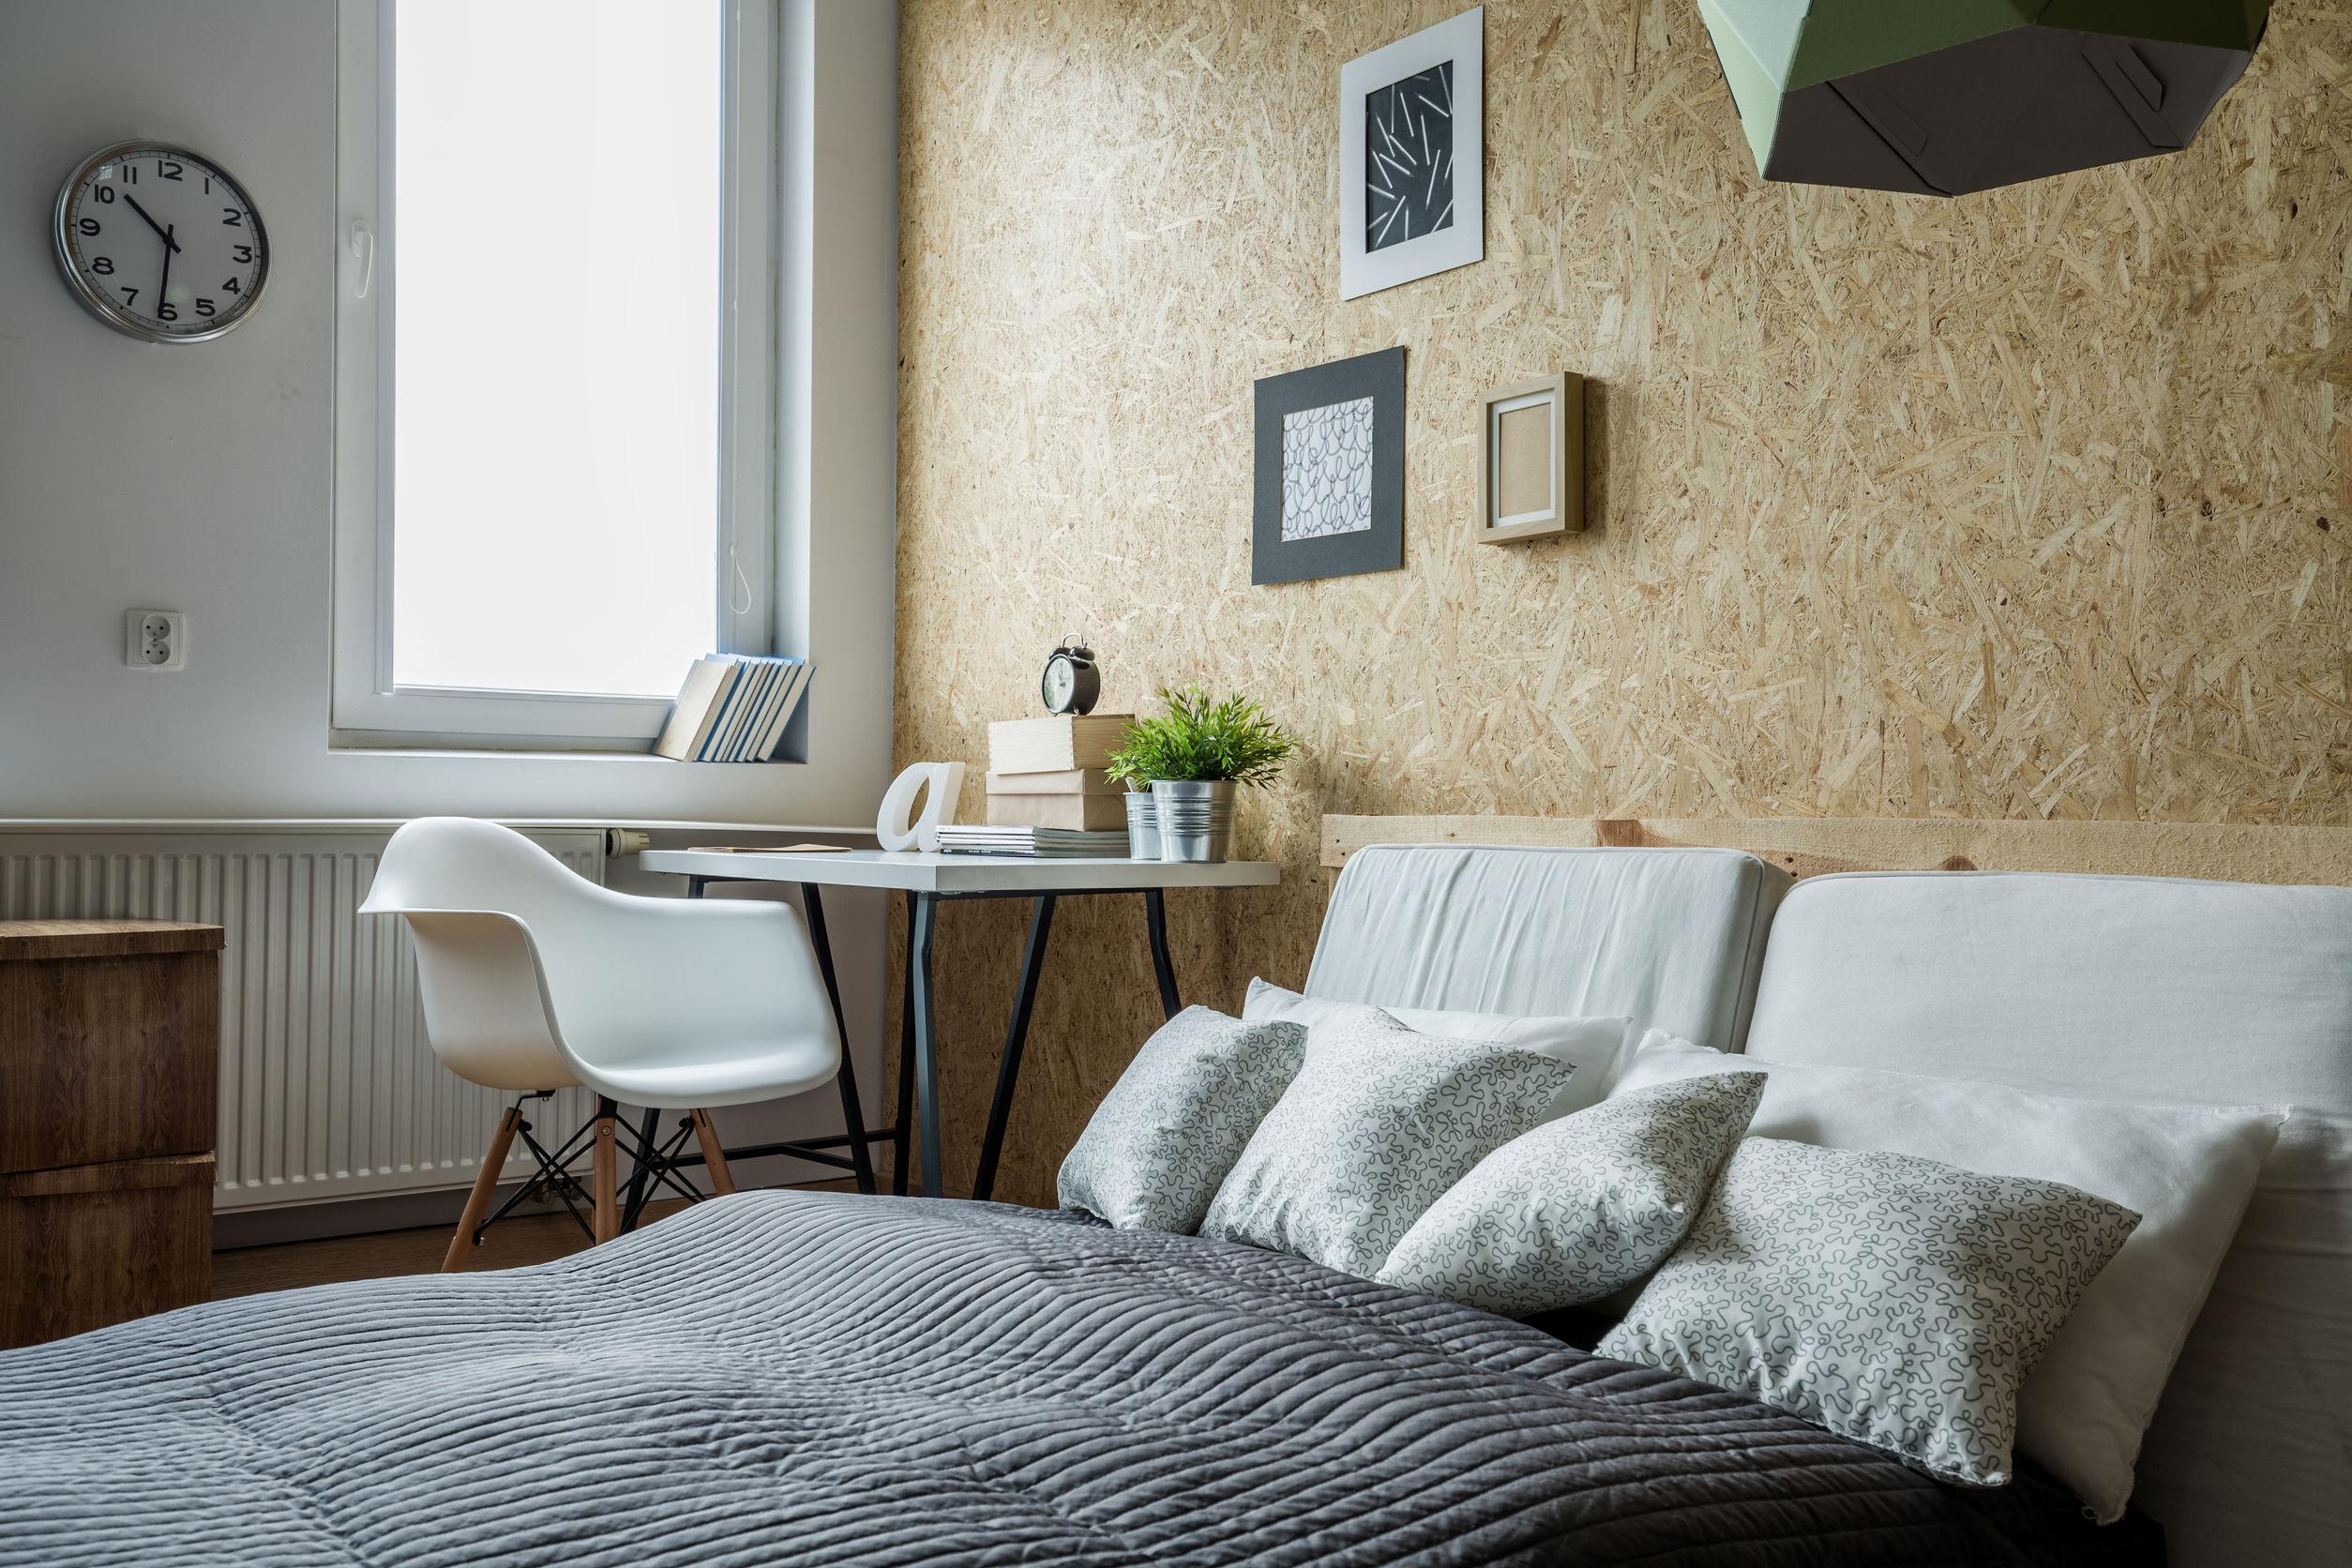 donner du style votre chambre avec une t te de lit int gr votre d co murale le mag visiondeco. Black Bedroom Furniture Sets. Home Design Ideas